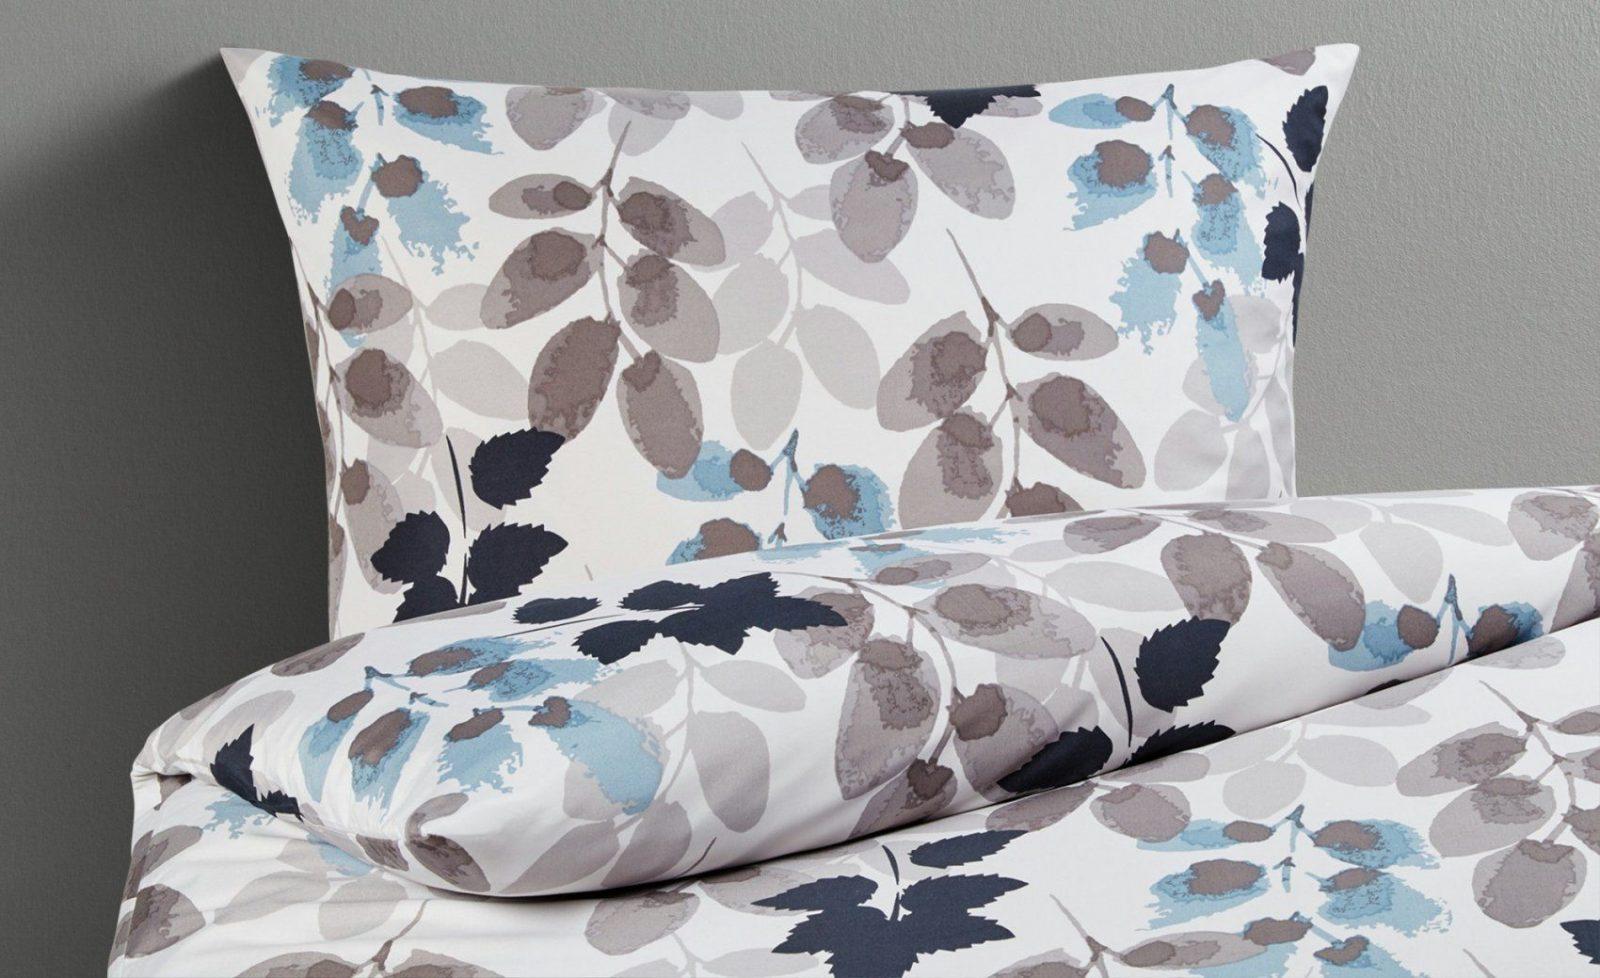 Hervorragend Ikea Bettwäsche Waschen Vor Benutzung  Bettwäsche Ideen von Ikea Bettwäsche Waschen Bild